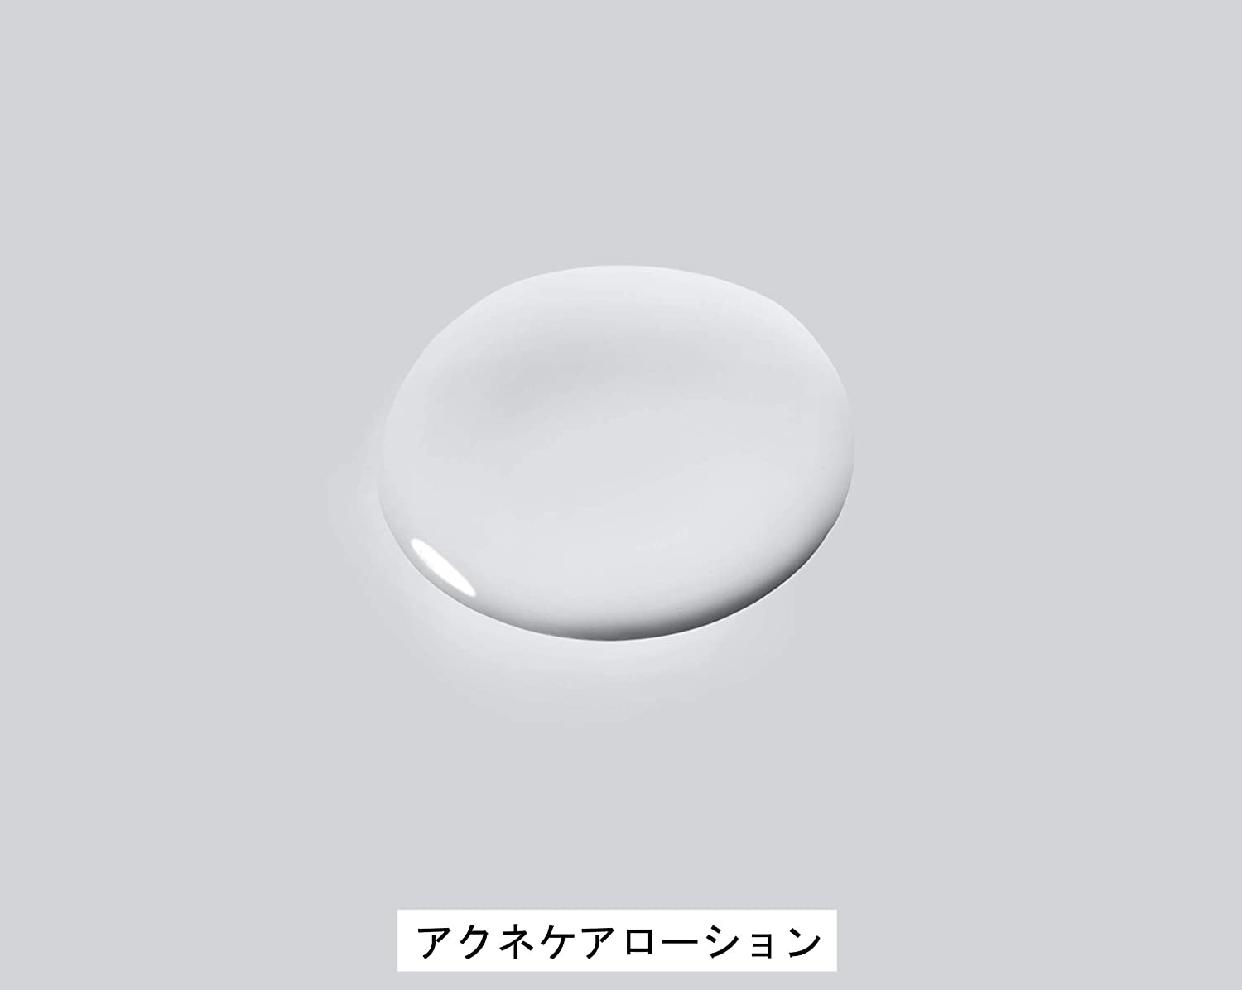 MINON(ミノン) アミノモイスト 薬用アクネケア ローションの商品画像12